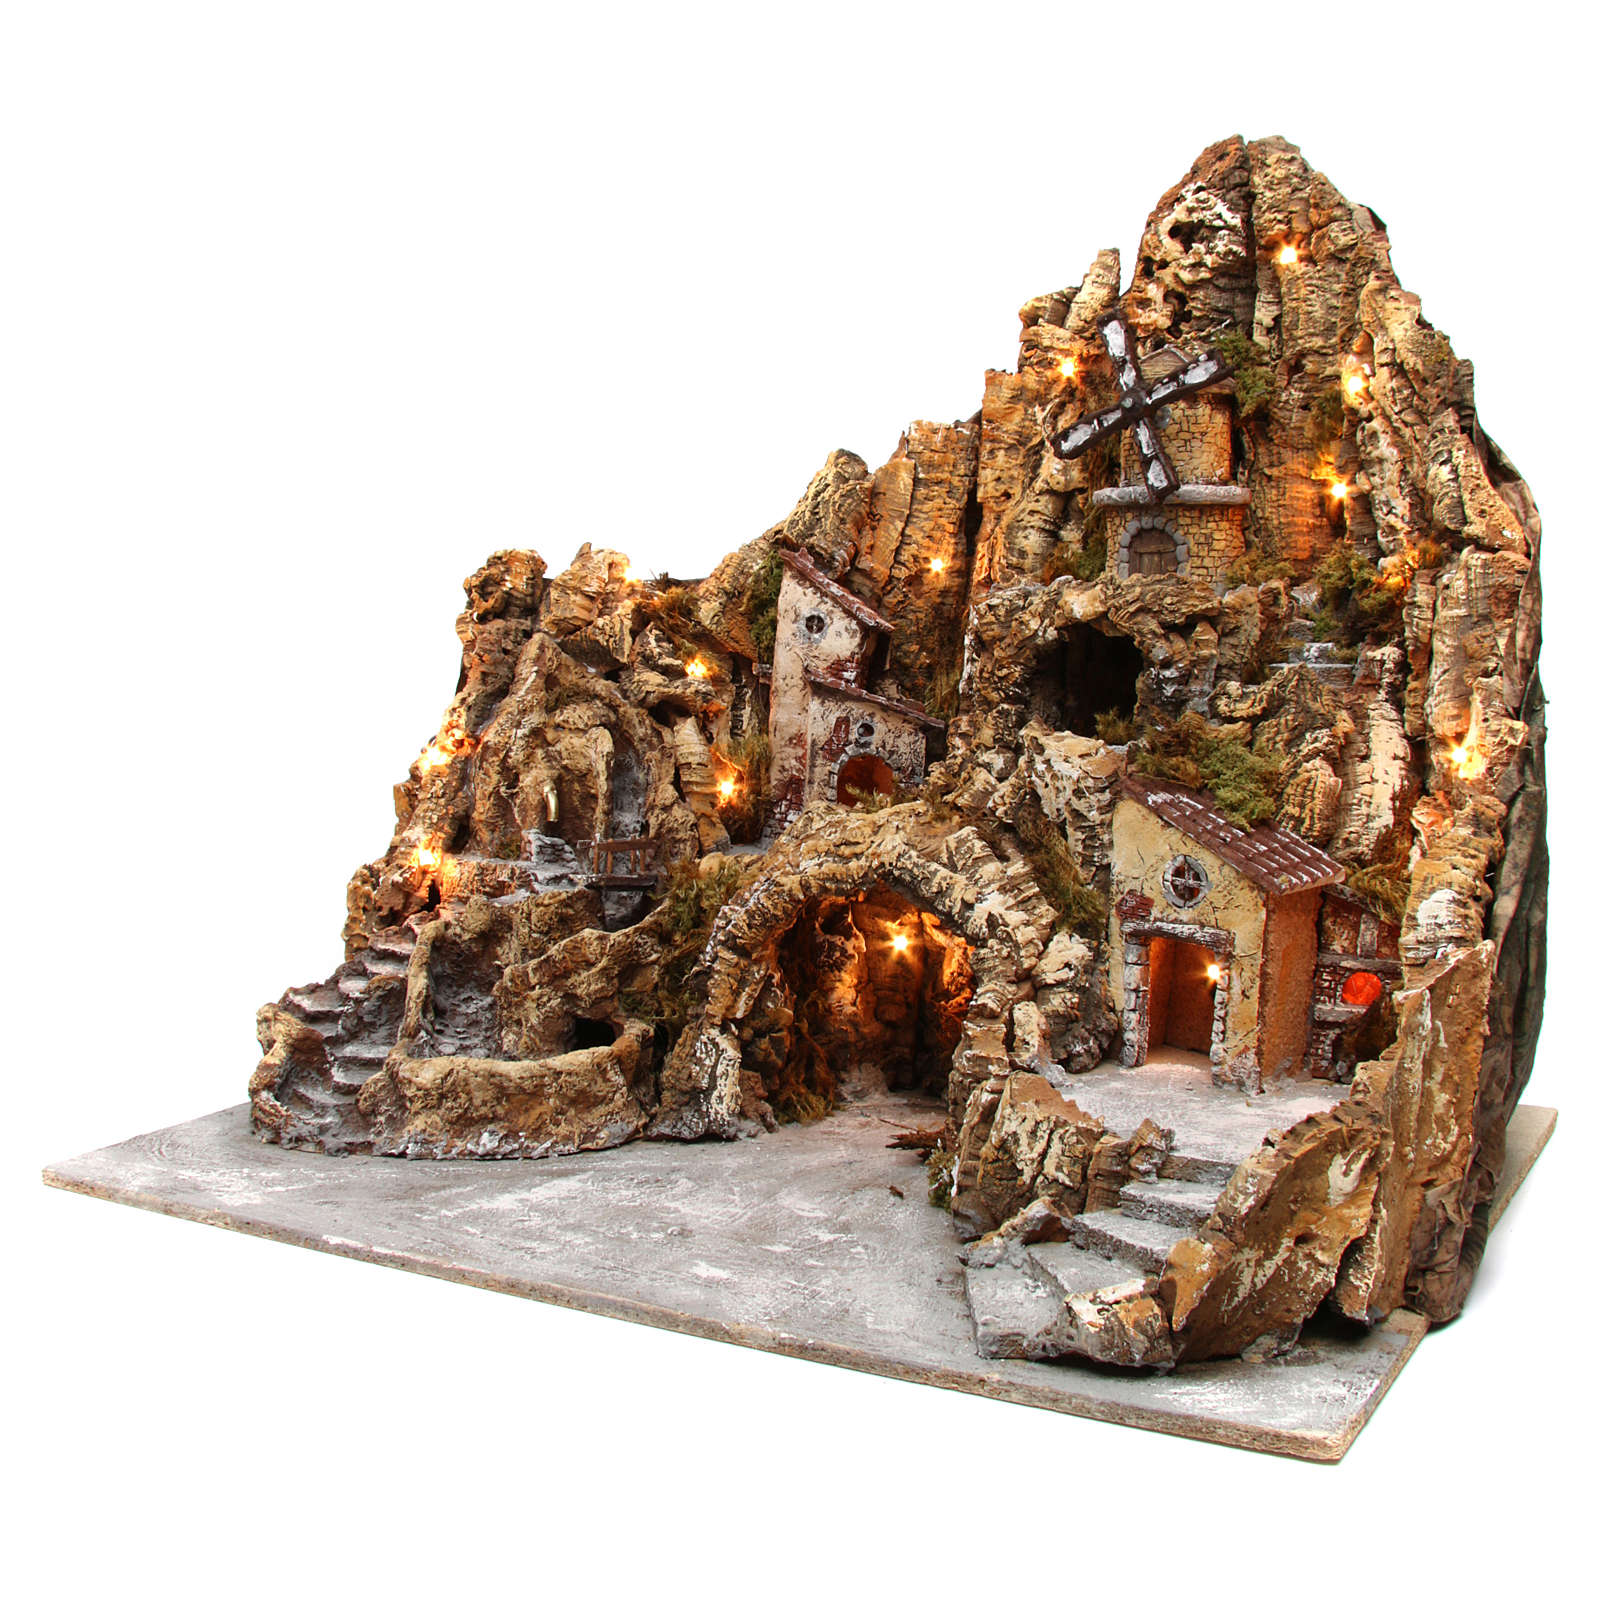 Presepe illuminato in legno muschio sughero mulino ruscello forno 60X70X65 cm presepe napoletano 4